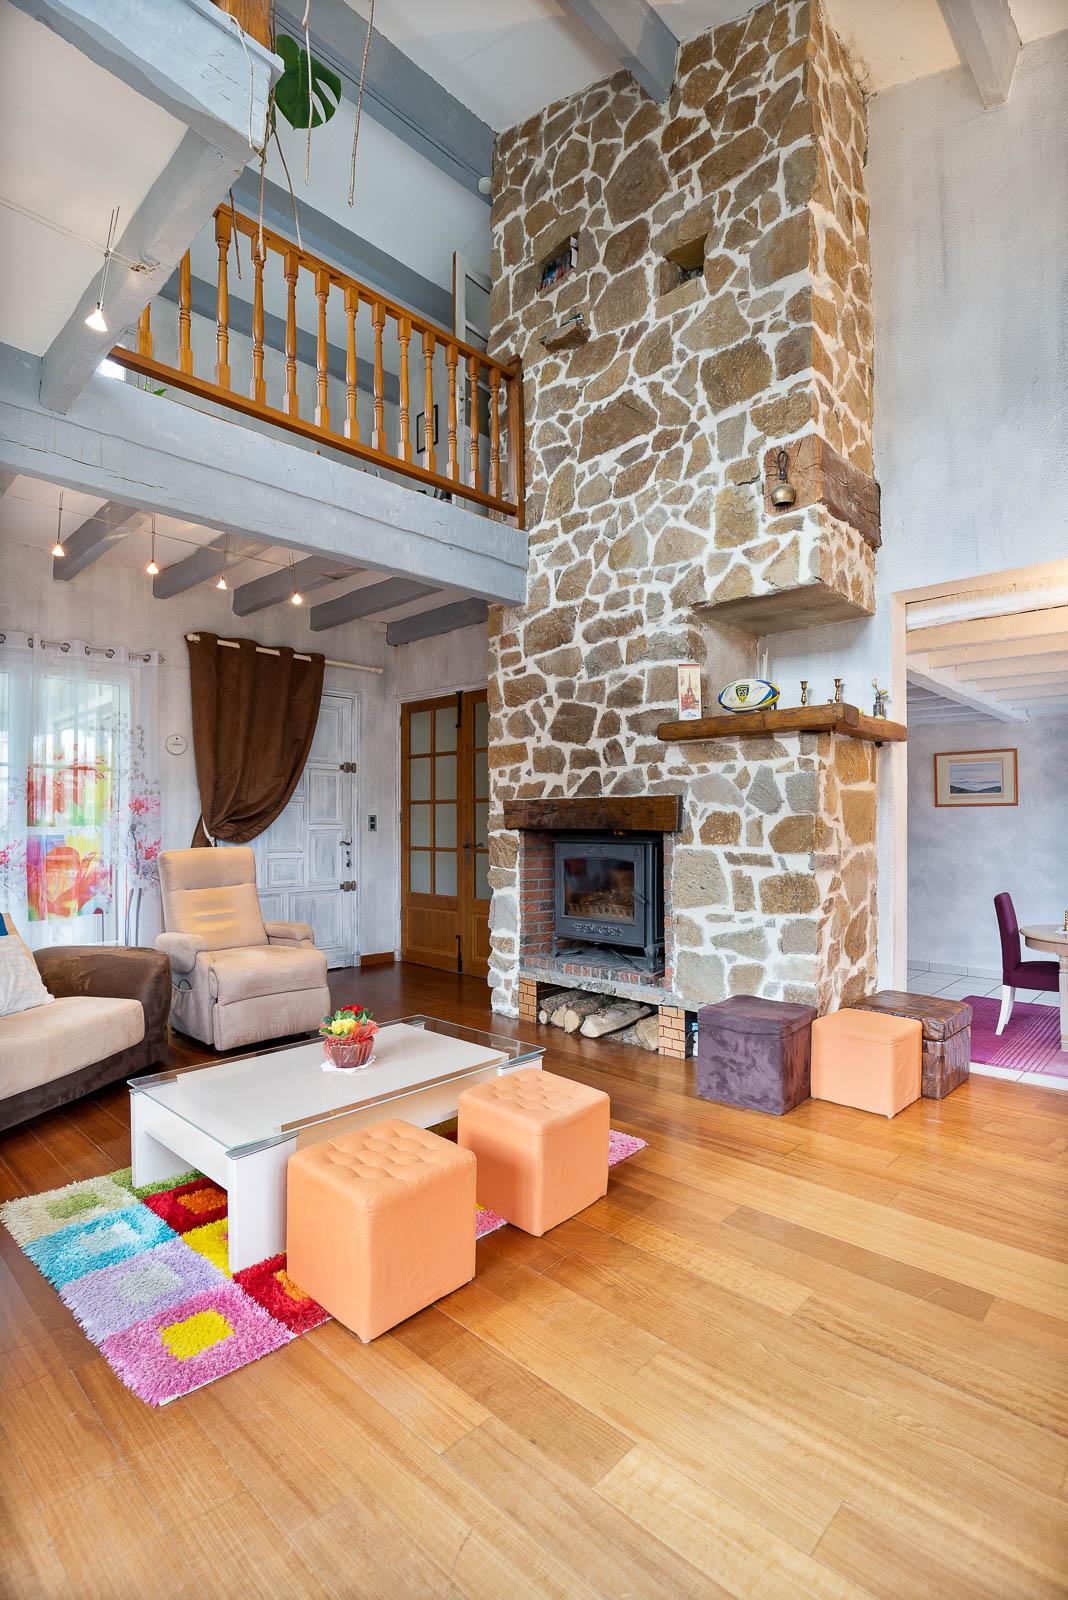 Immobilier - ©Yohan Boniface Photographe - Mariage Portraits Immobilier Entreprises Clermont Ferrand Auvergne France (4).jpg